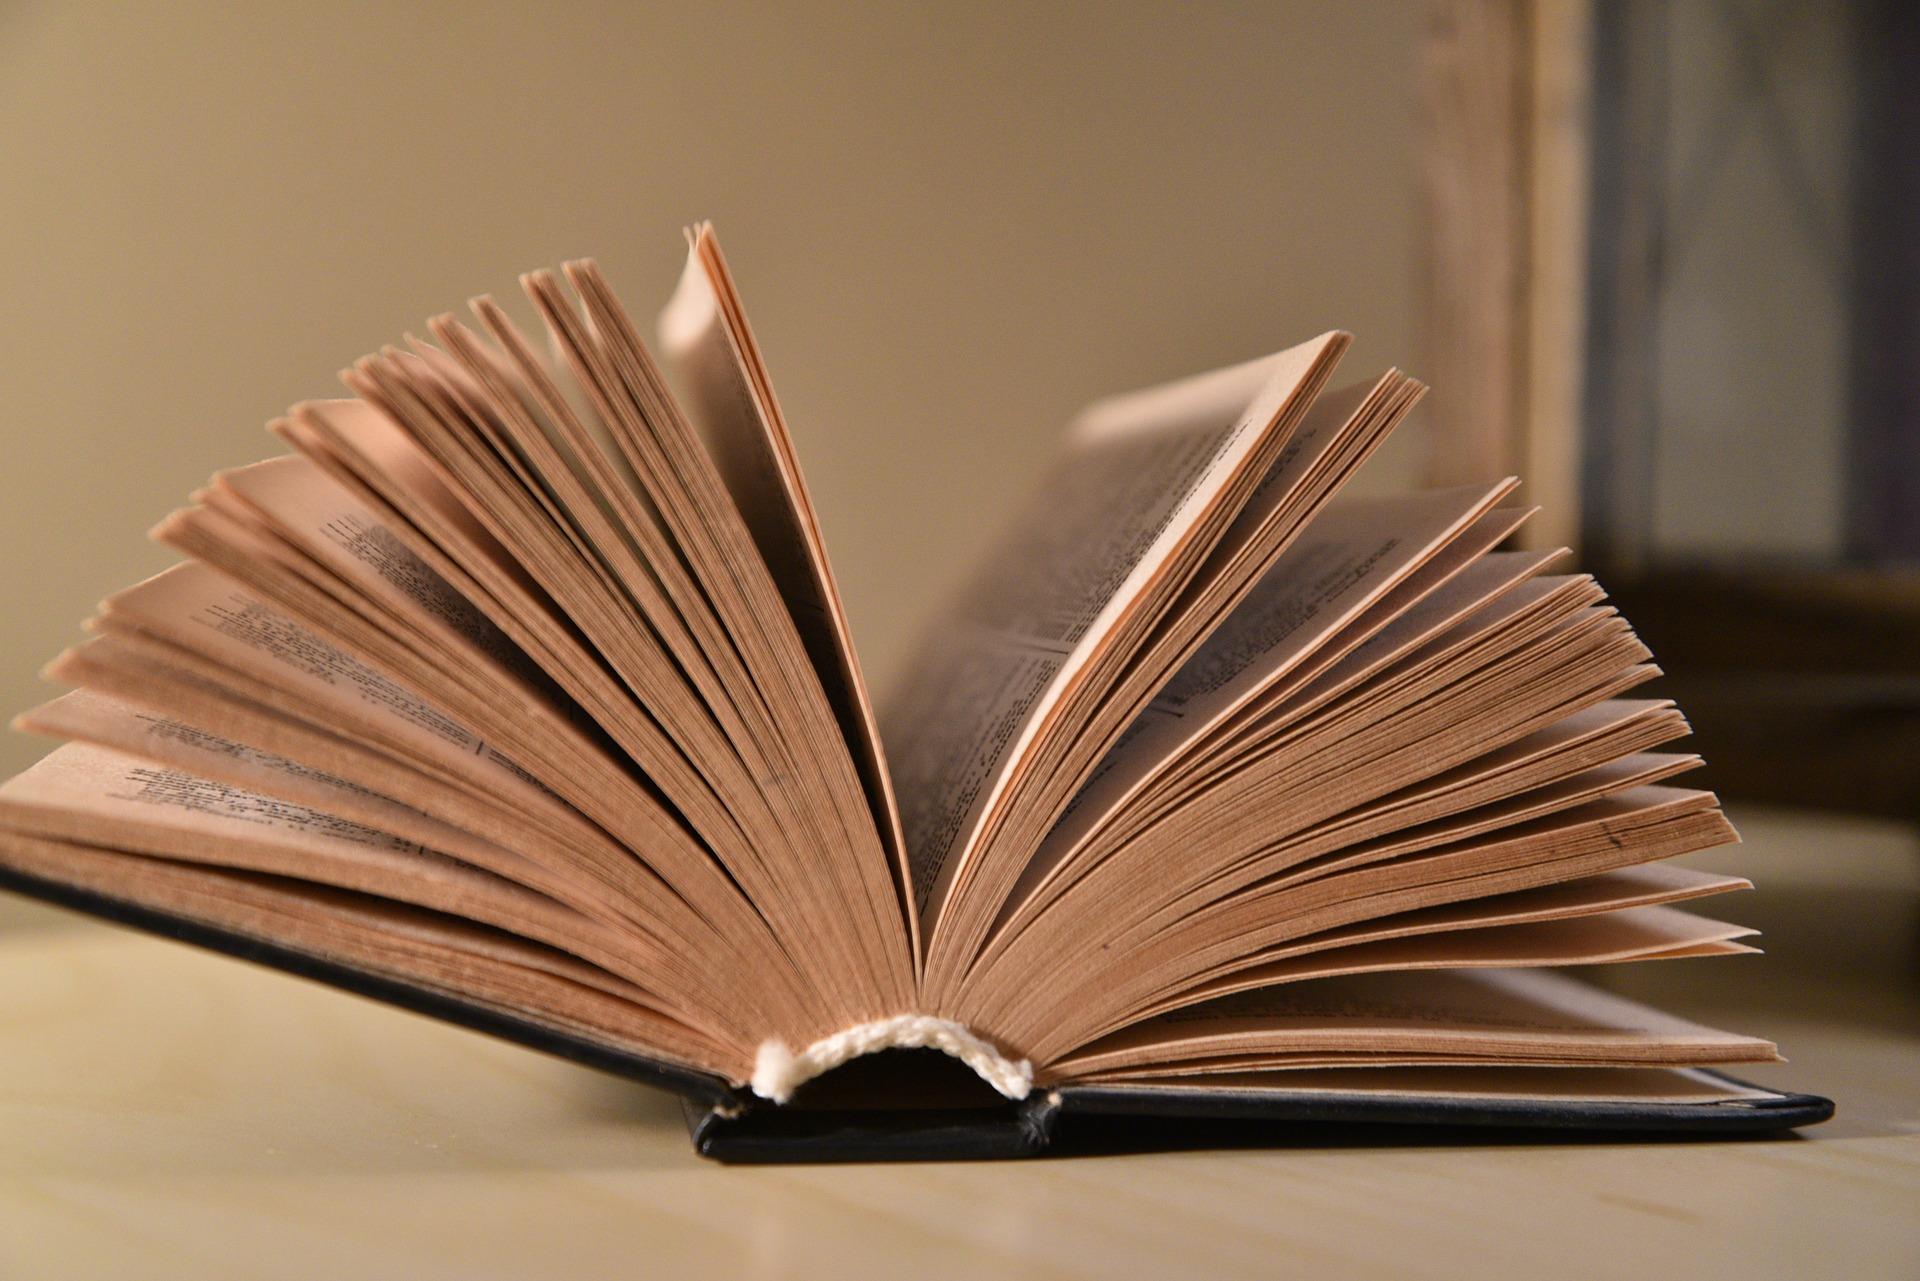 book 3163563 1920